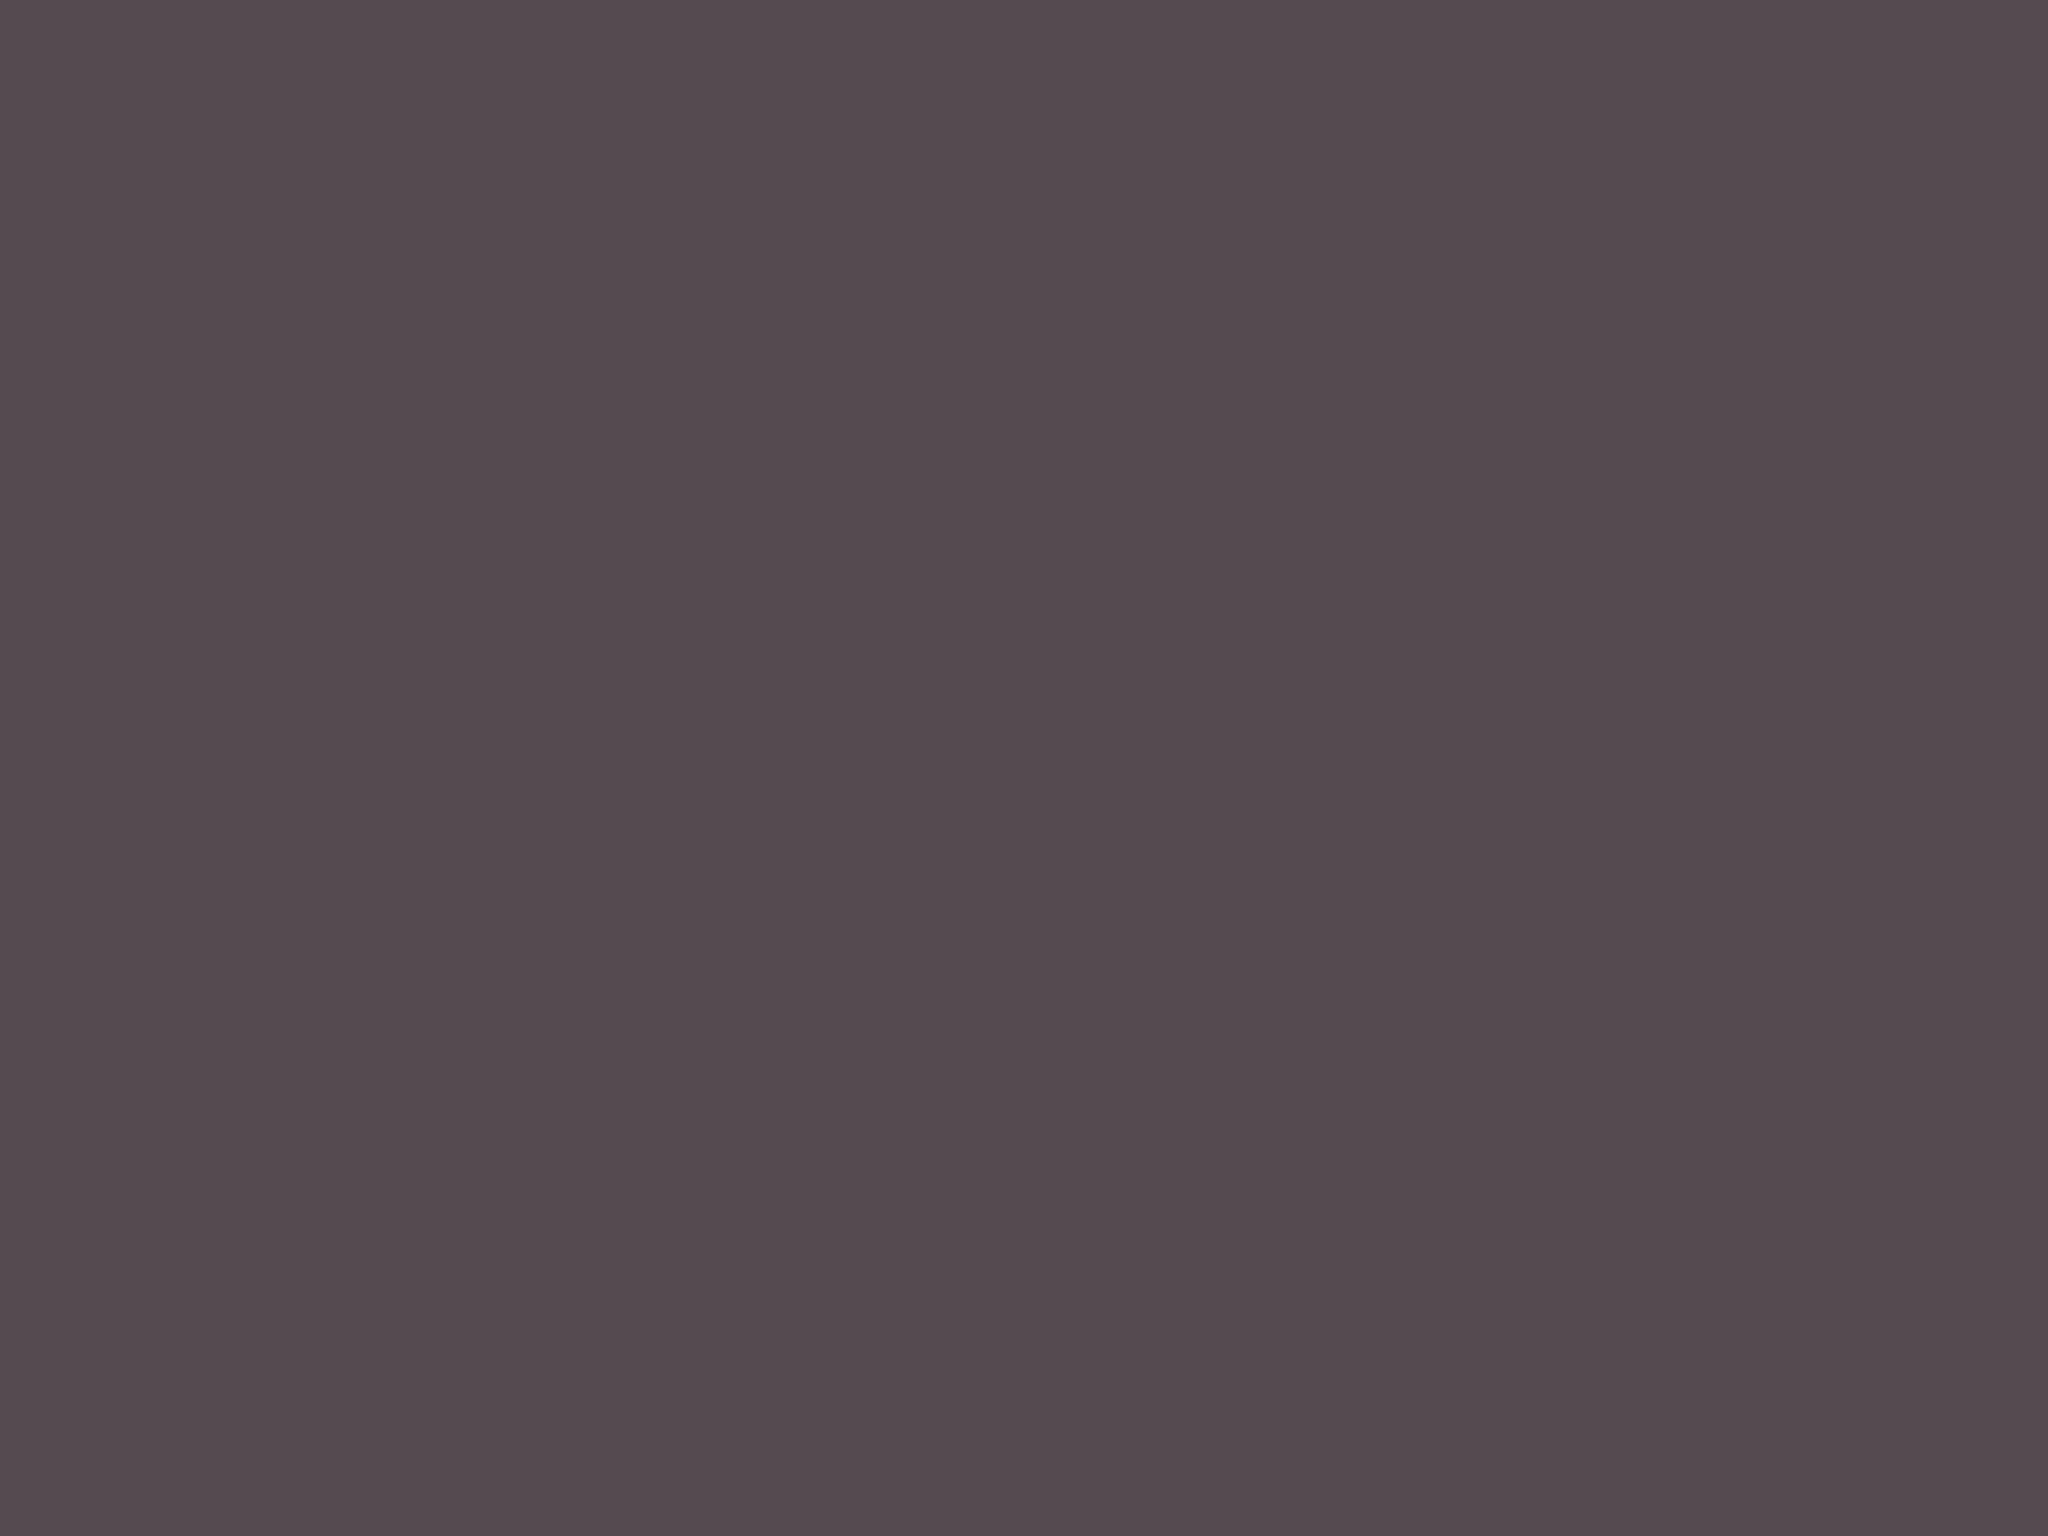 2048x1536 Dark Liver Solid Color Background